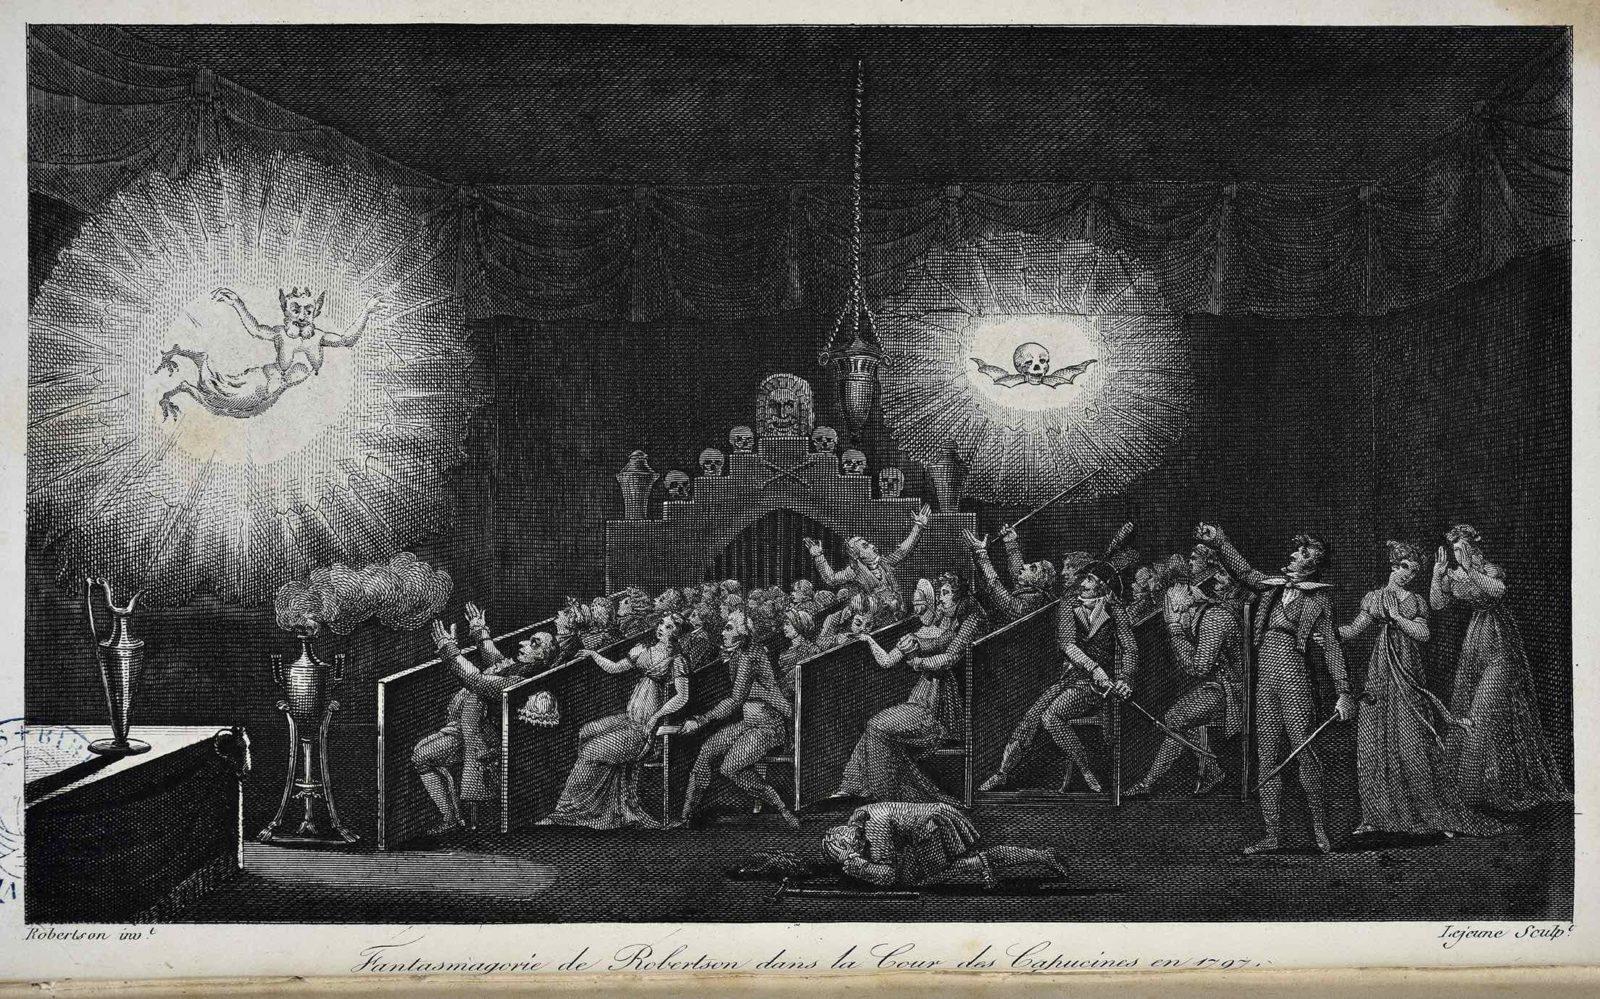 Robertson et Lejeune Fantasmagorie de Robertson dans la cour des Capucines